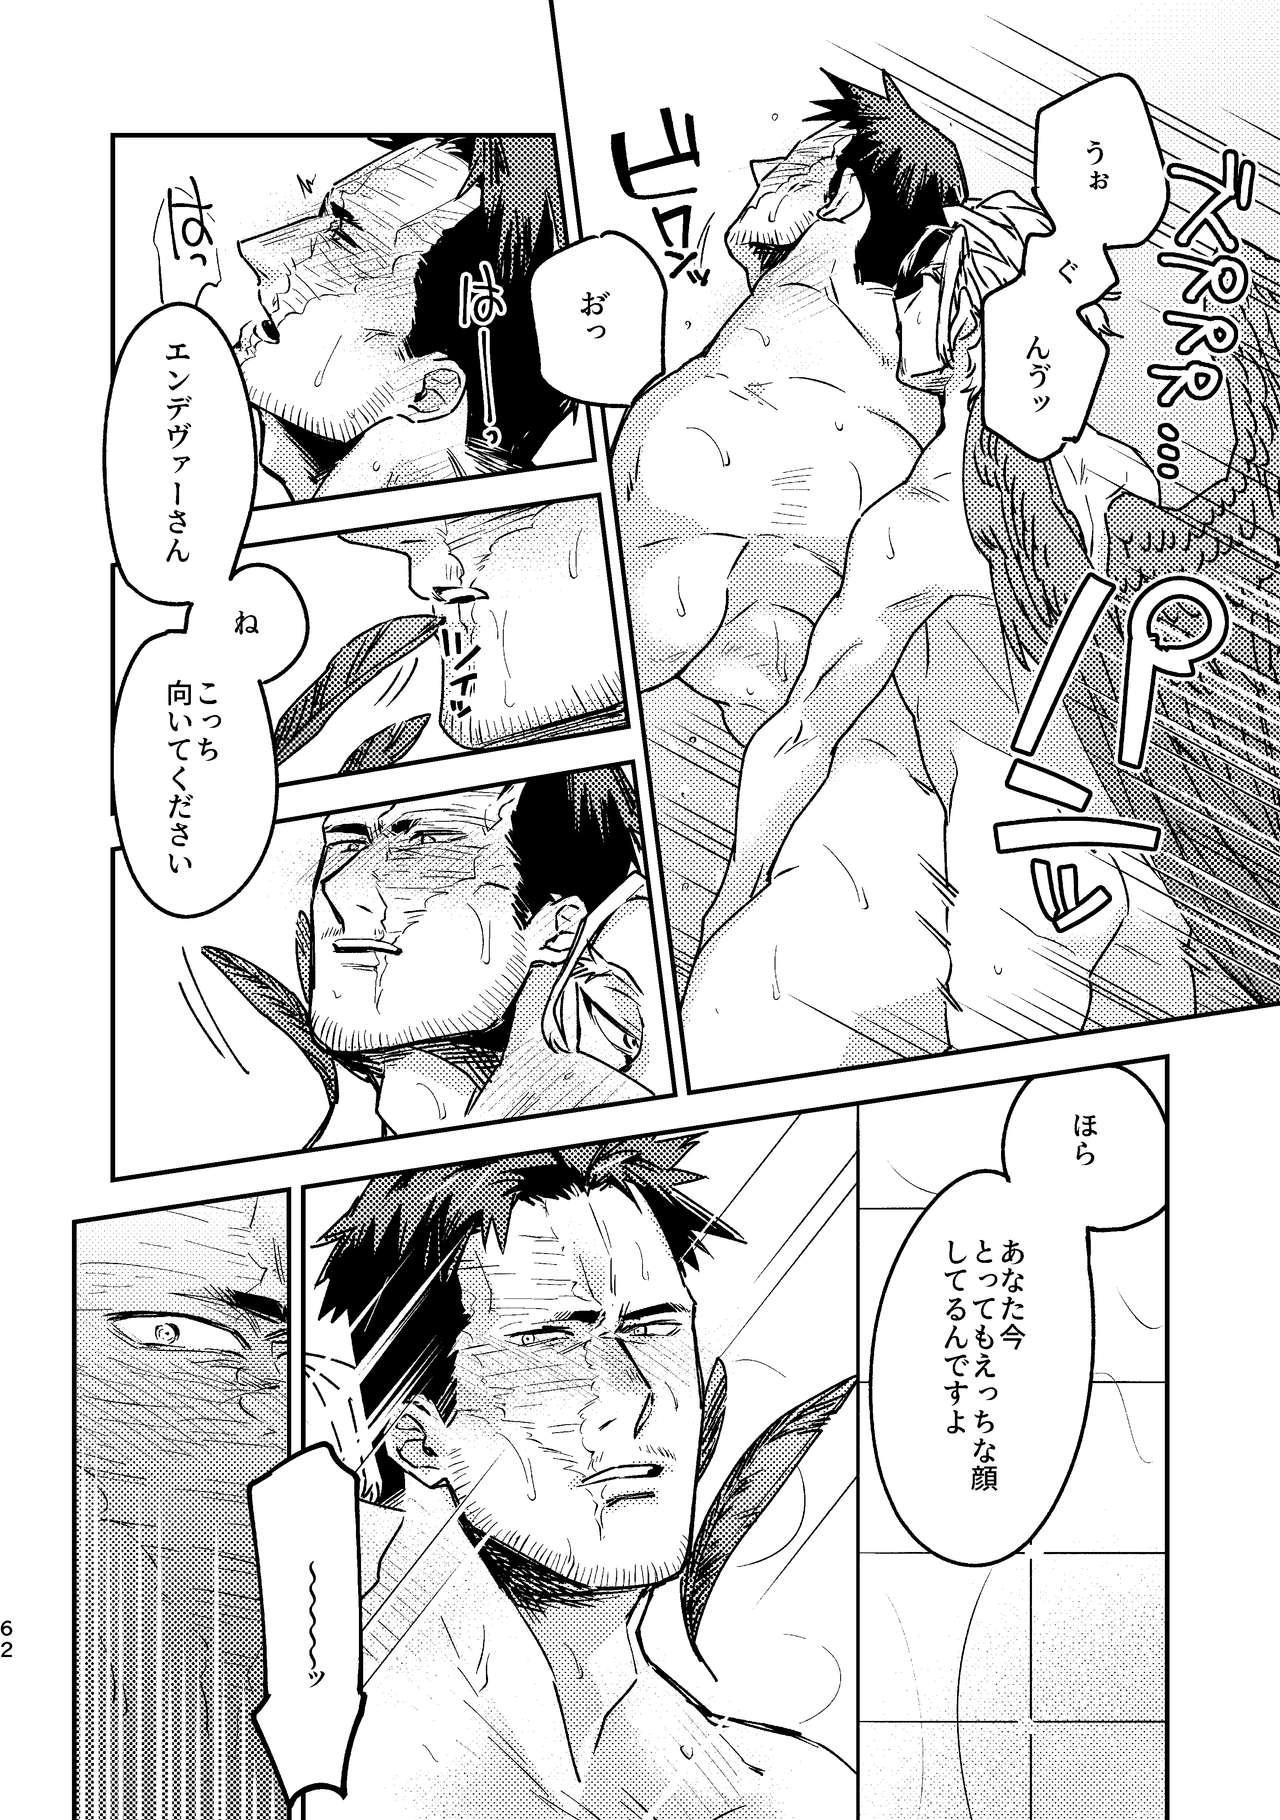 WEB Sairoku Zumi HawEn Manga ga Kami demo Yomeru Hon. 61